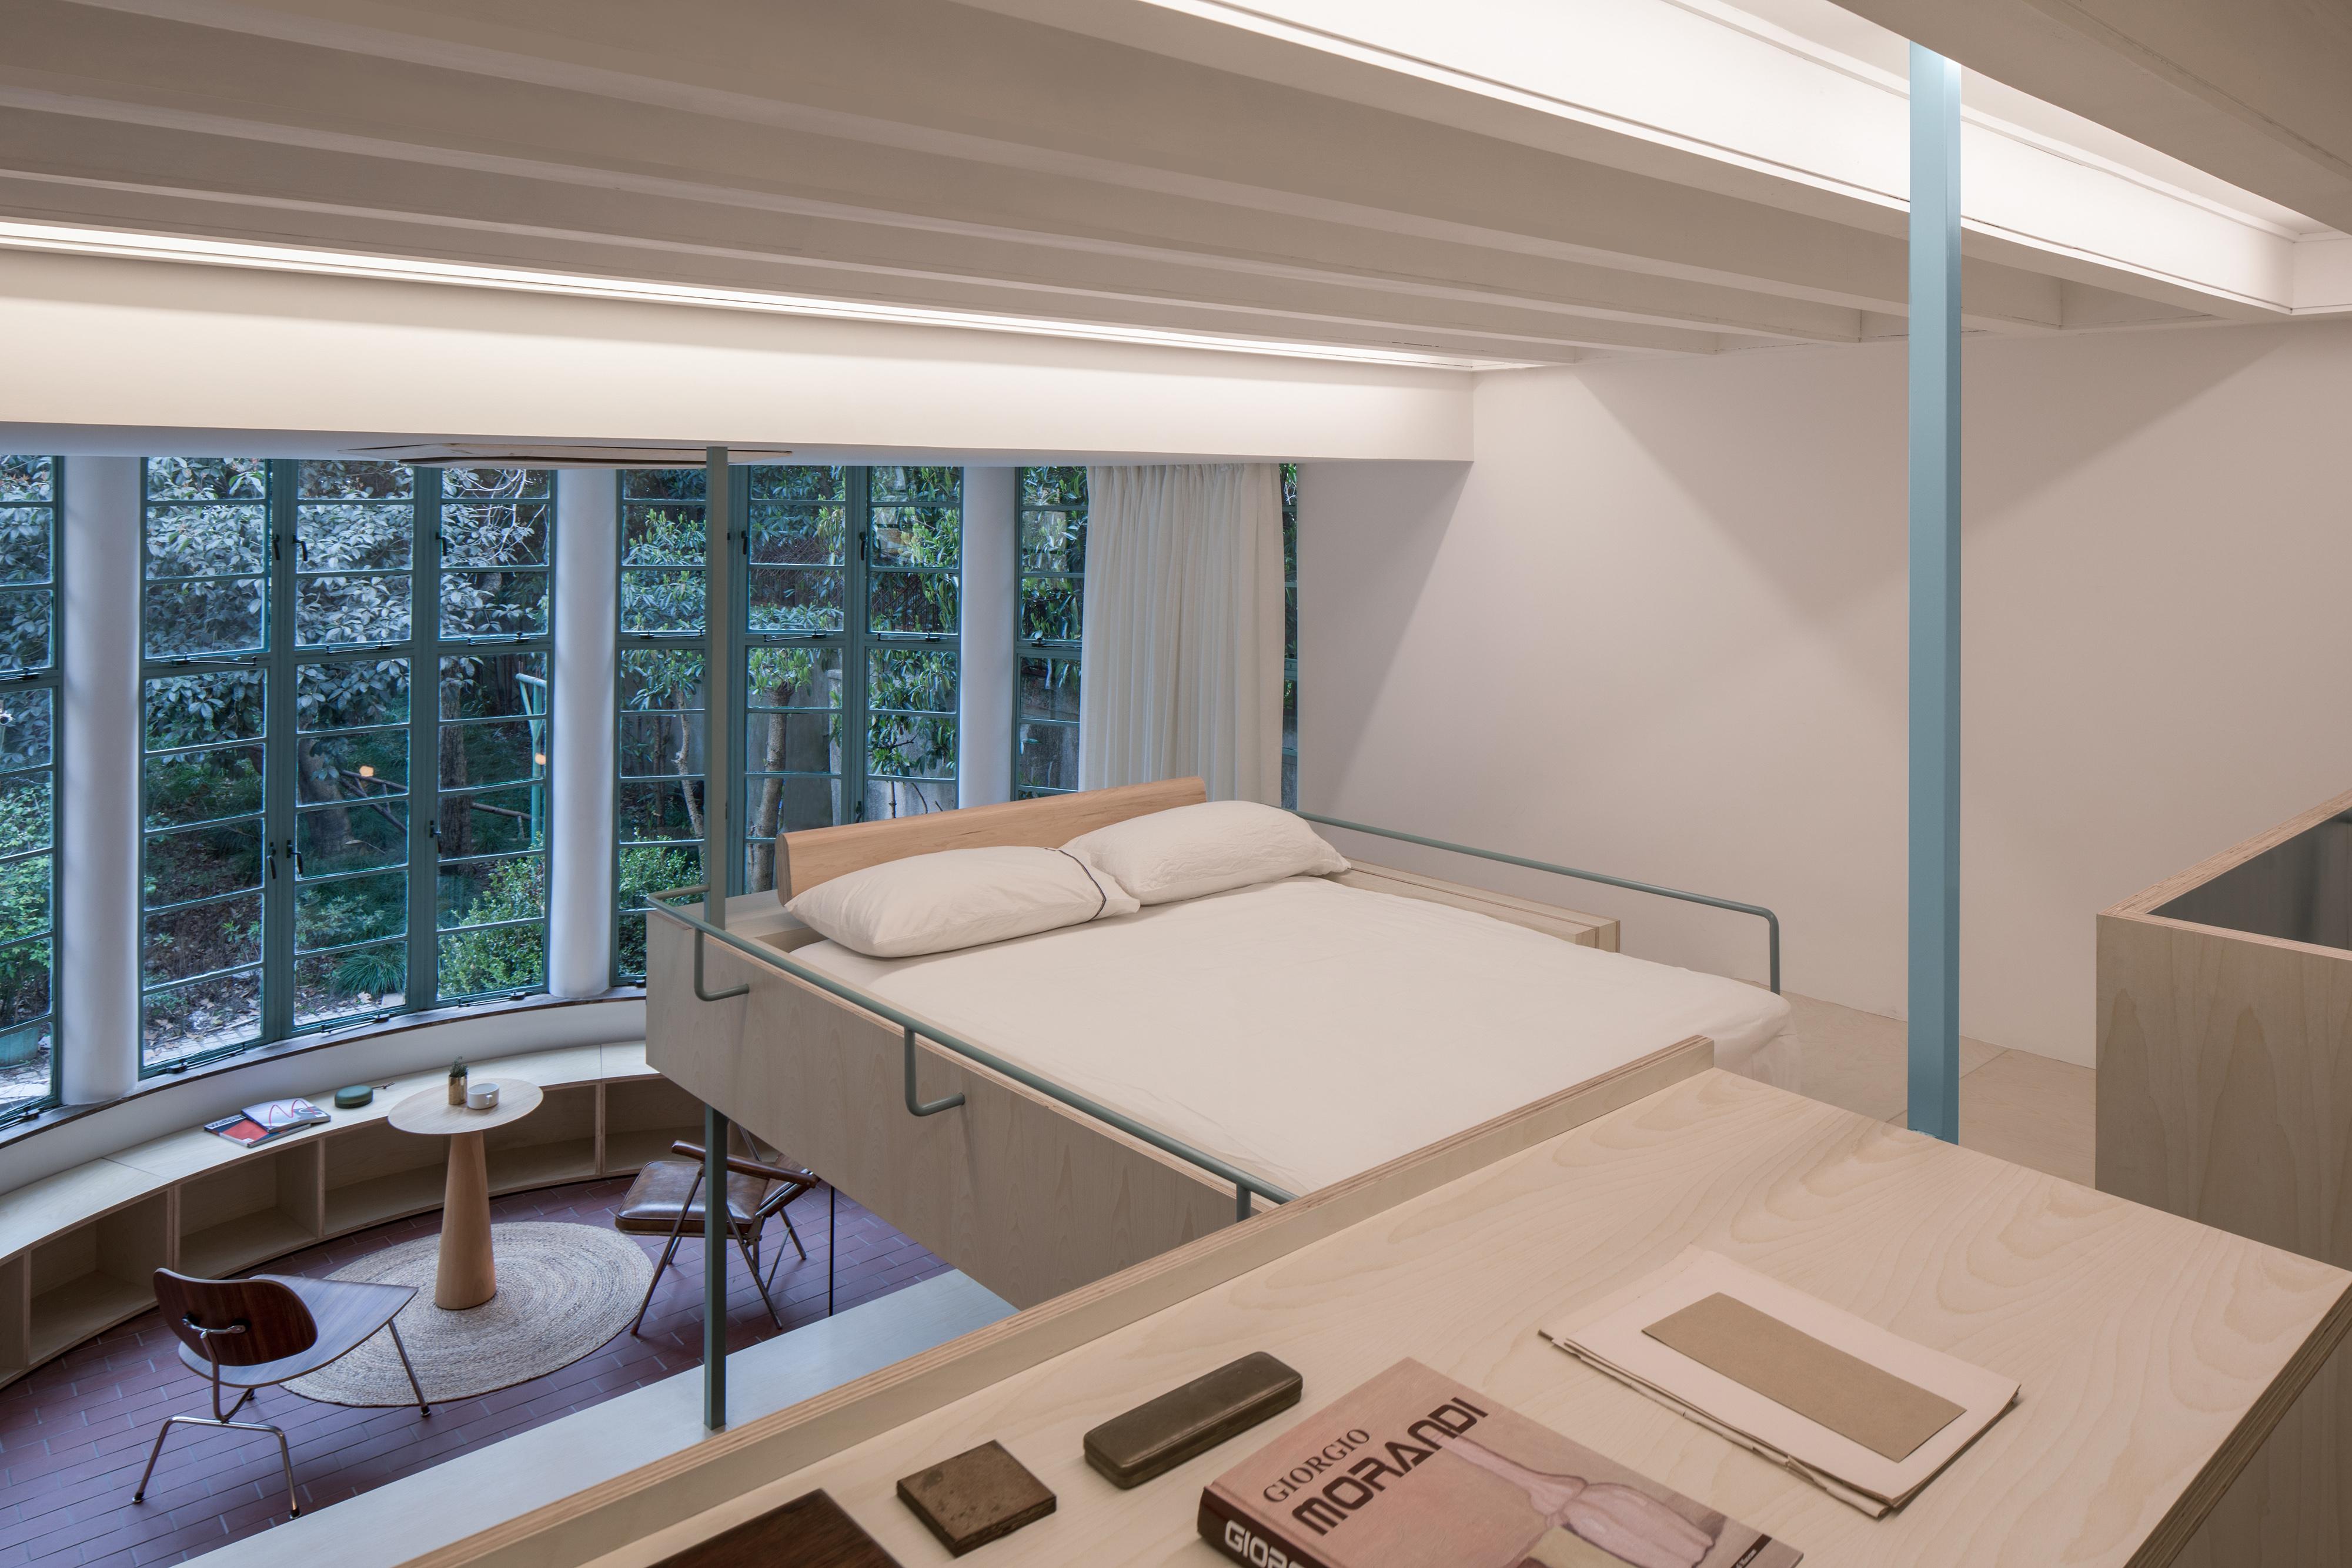 dormitorio situado sobre la cocina